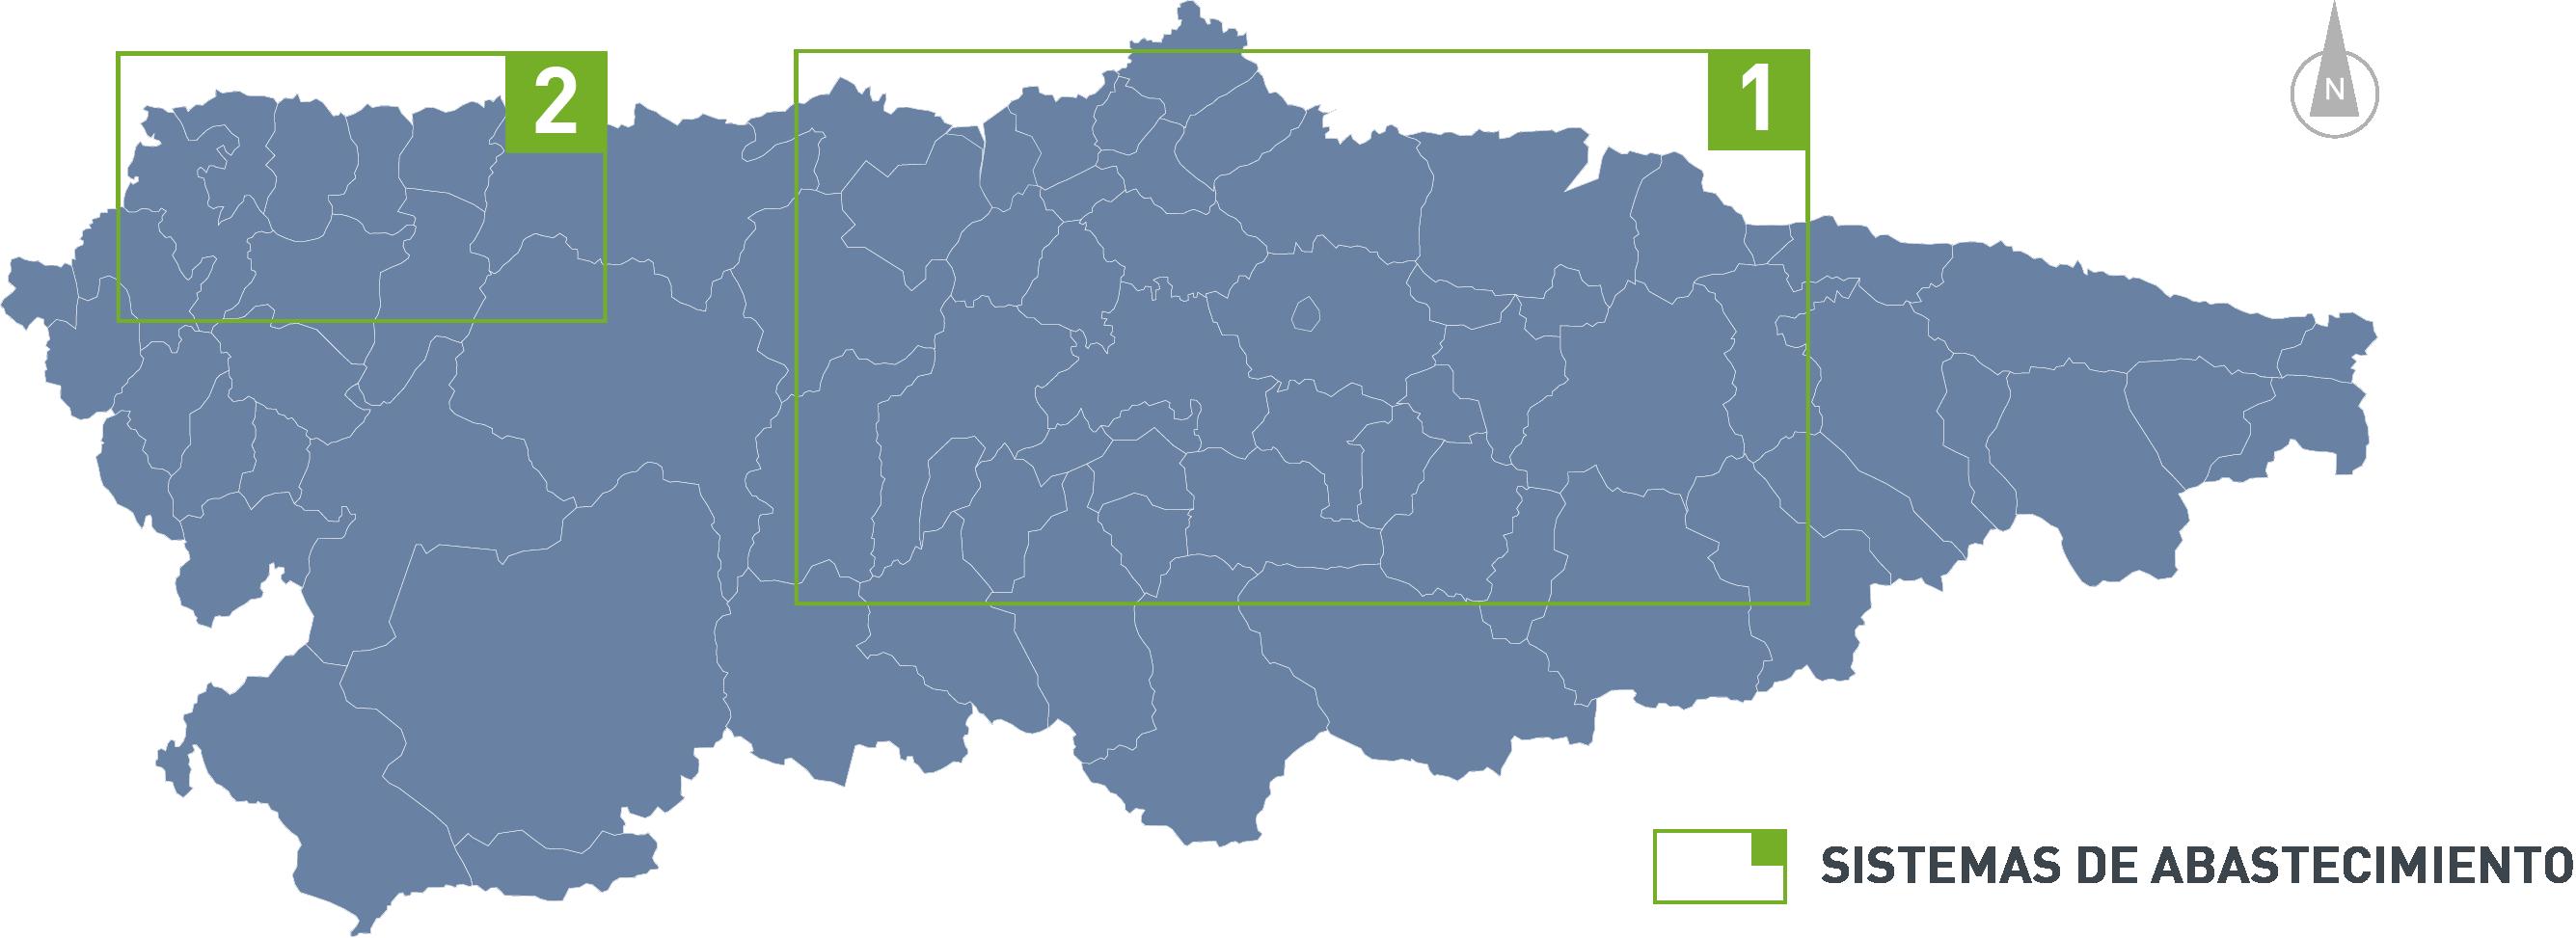 Calidad-del-agua-mapa-abastecimiento